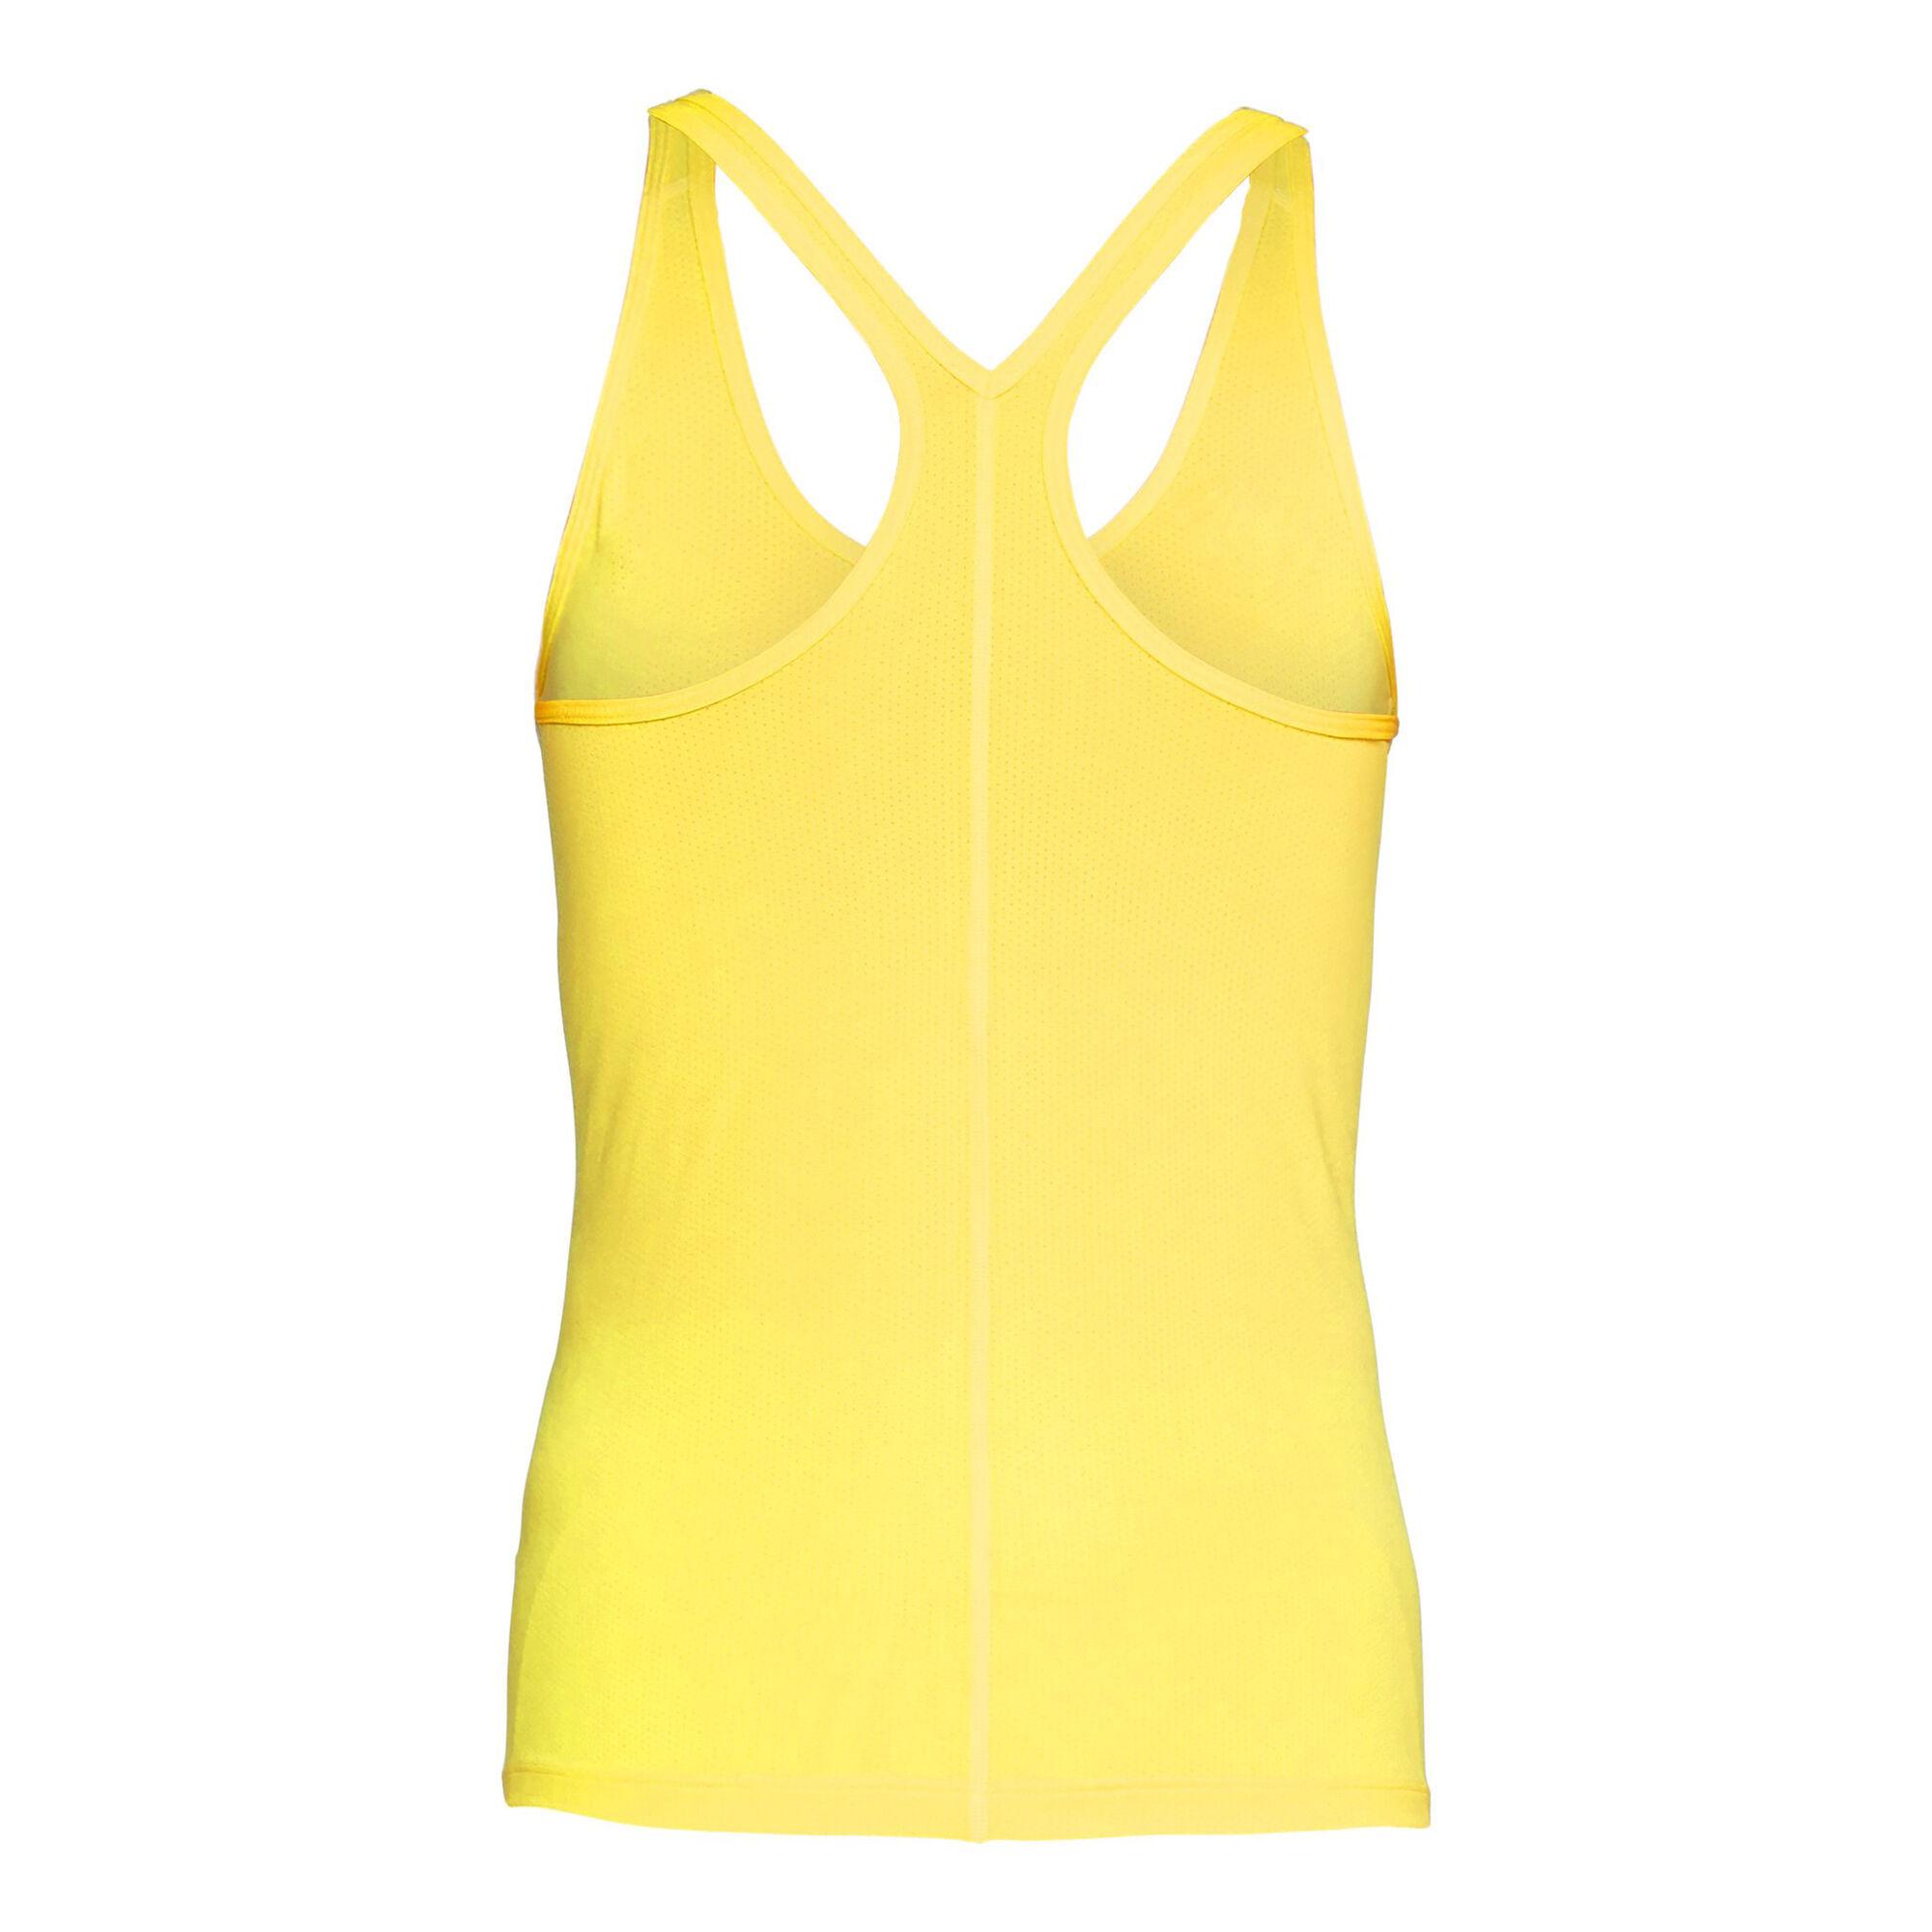 024e64e7973fa buy Under Armour Heatgear Armour Racer Tank Top Women - Yellow ...